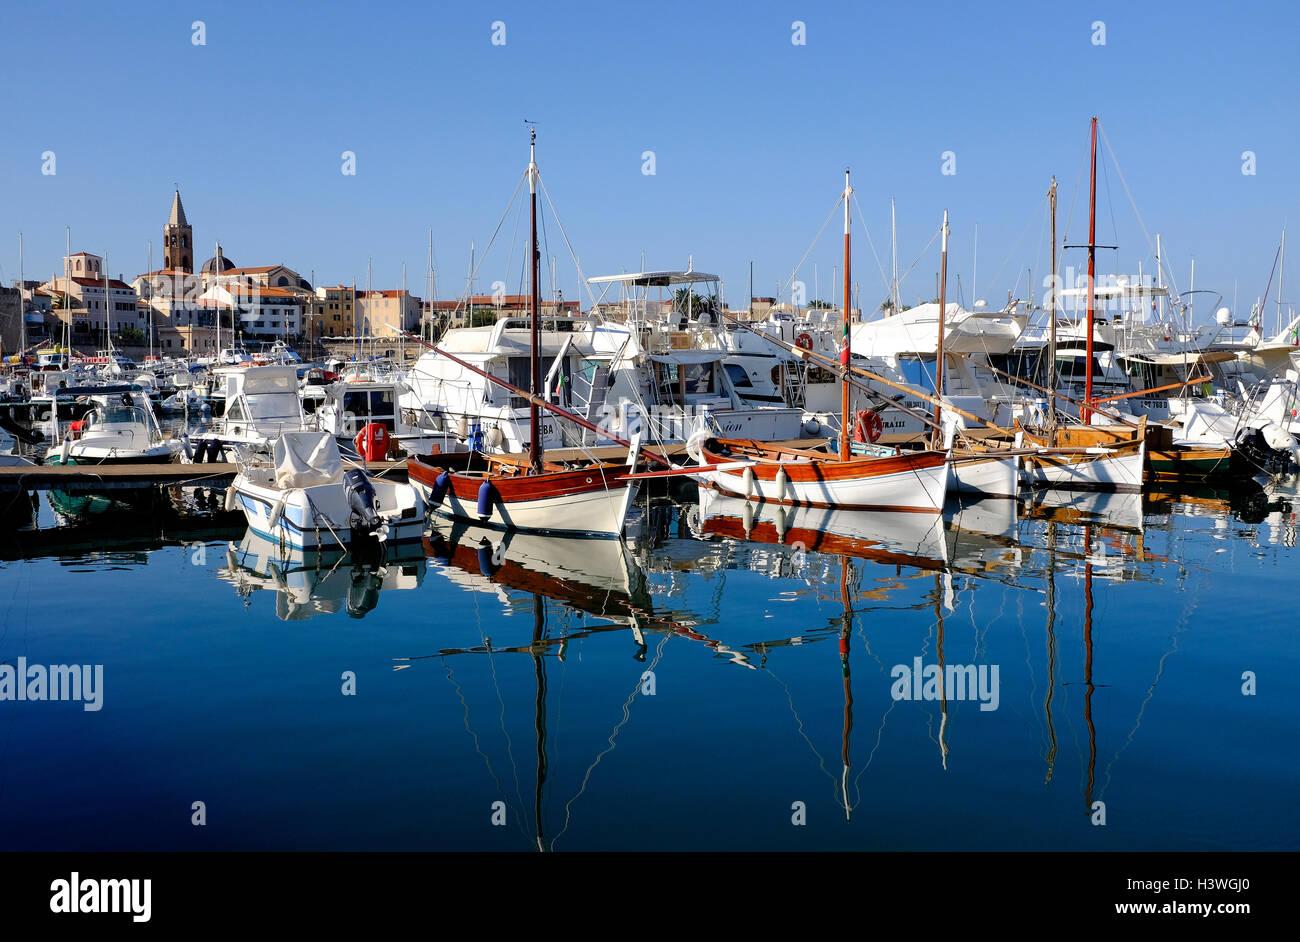 puerto deportivo en alghero, cerdeña, italia Foto de stock